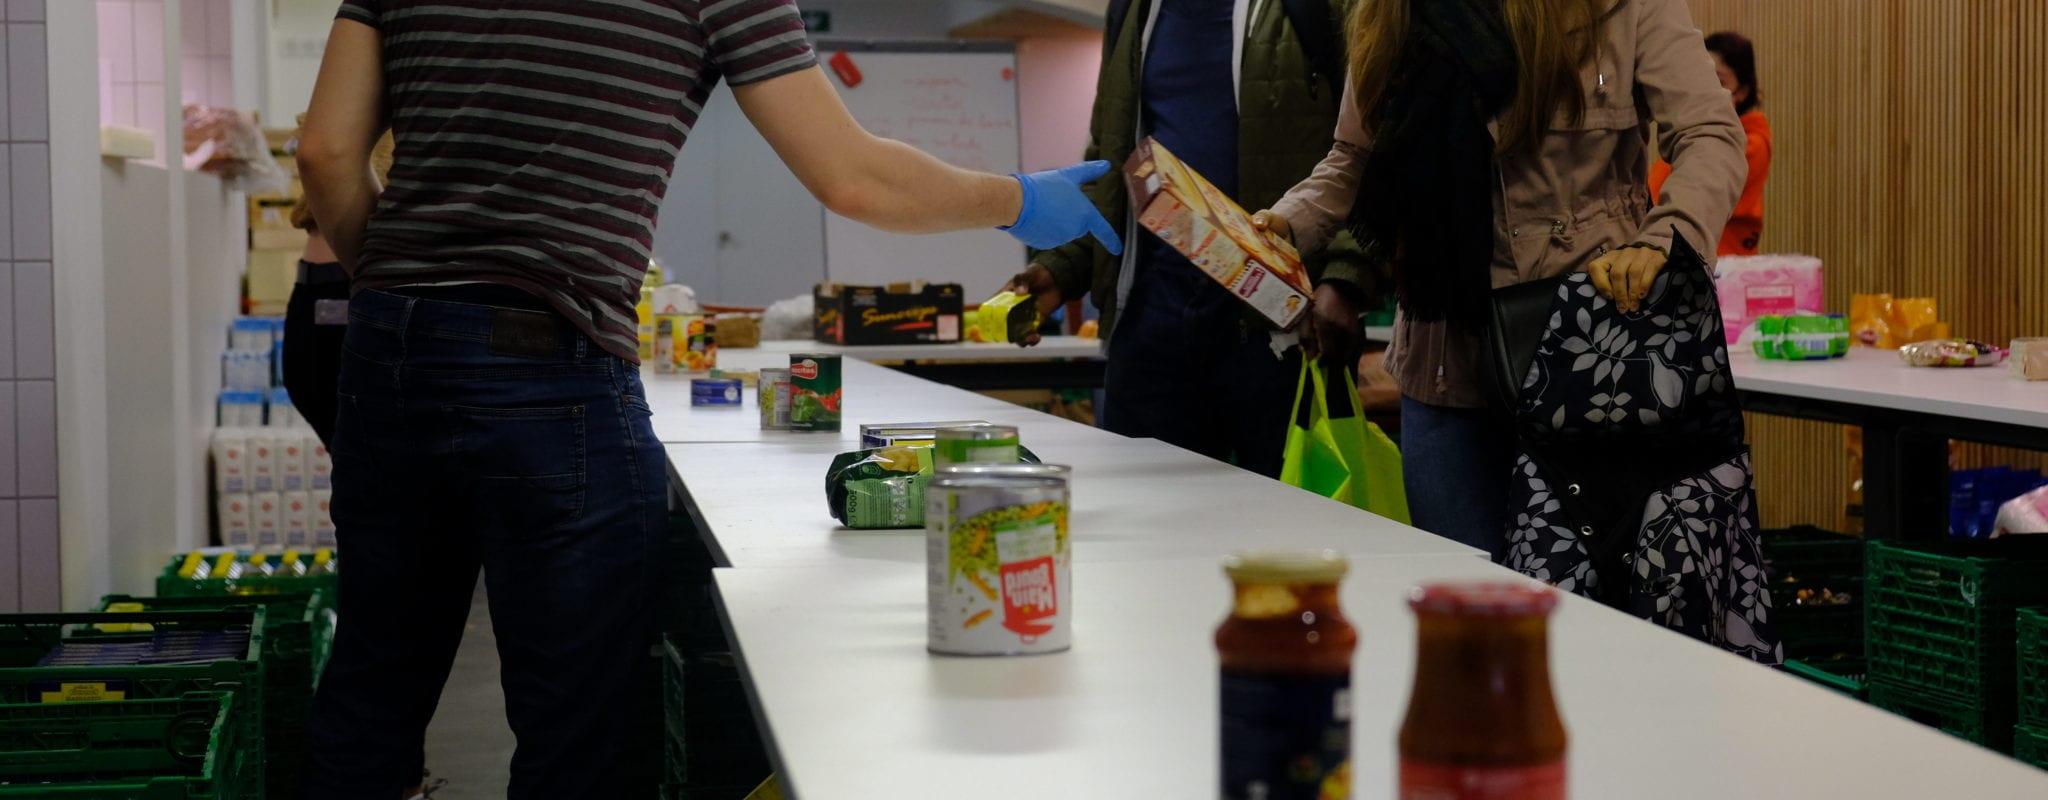 Précarité d'étudiants confinés: «Ce qui me fait le plus peur, c'est de mourir de faim»